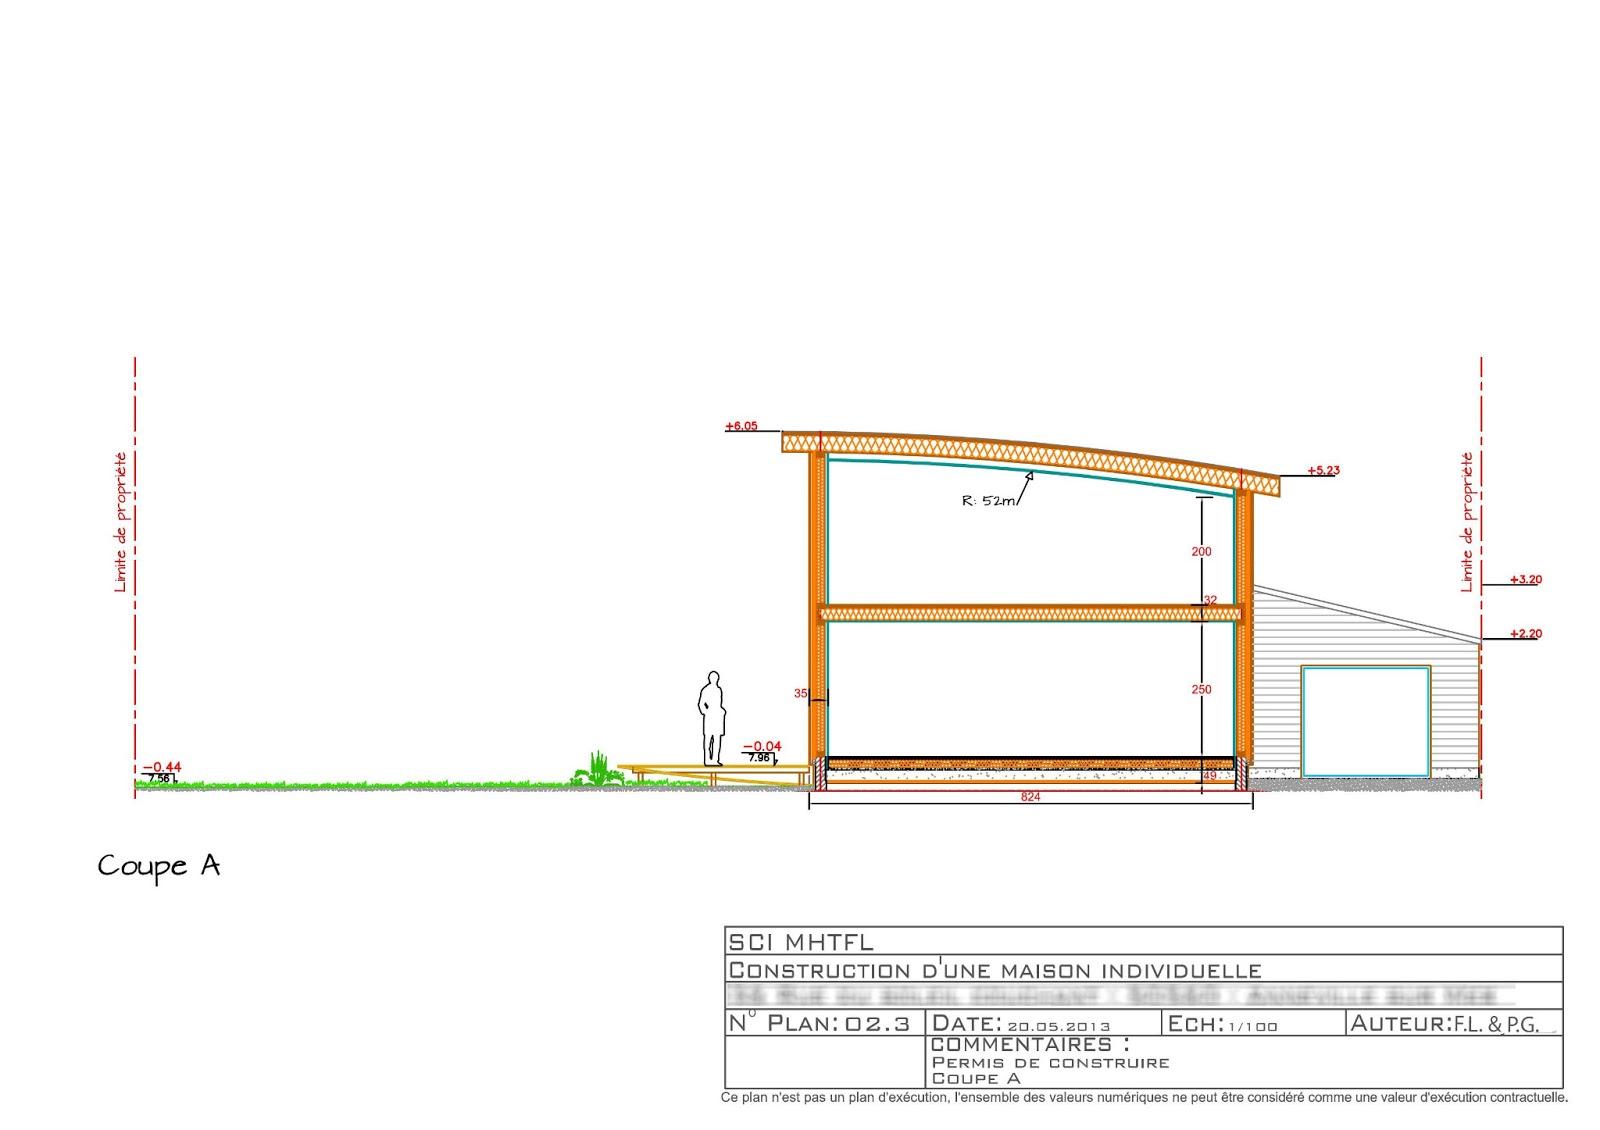 Mon book par pauline g for Permis construire piscine